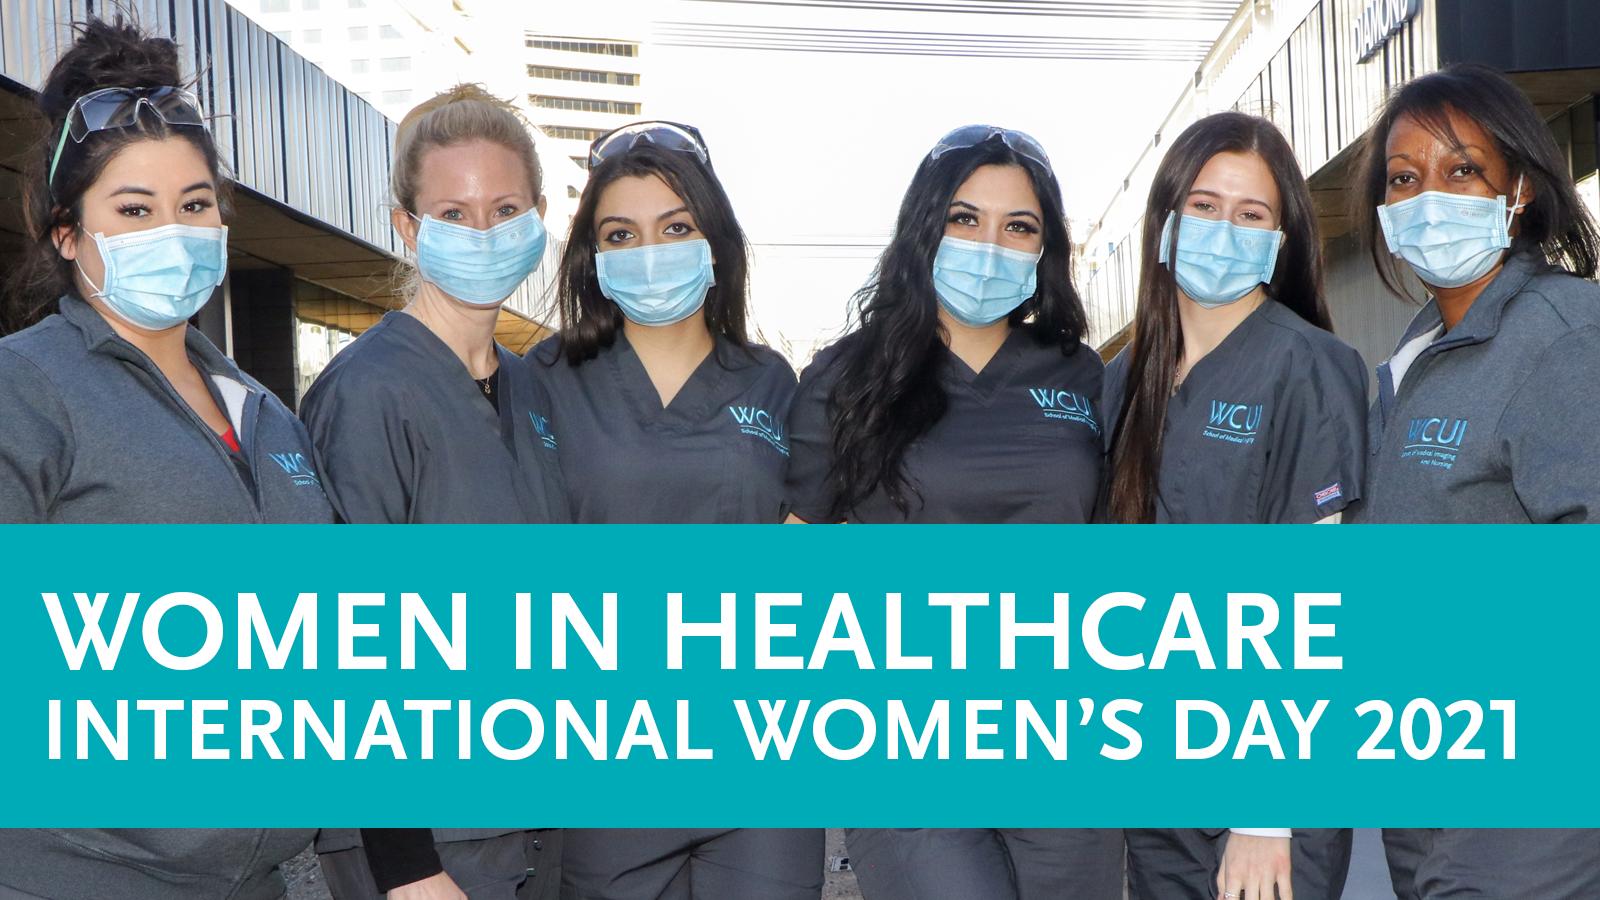 Women in Healthcare - International Women's Day 2021